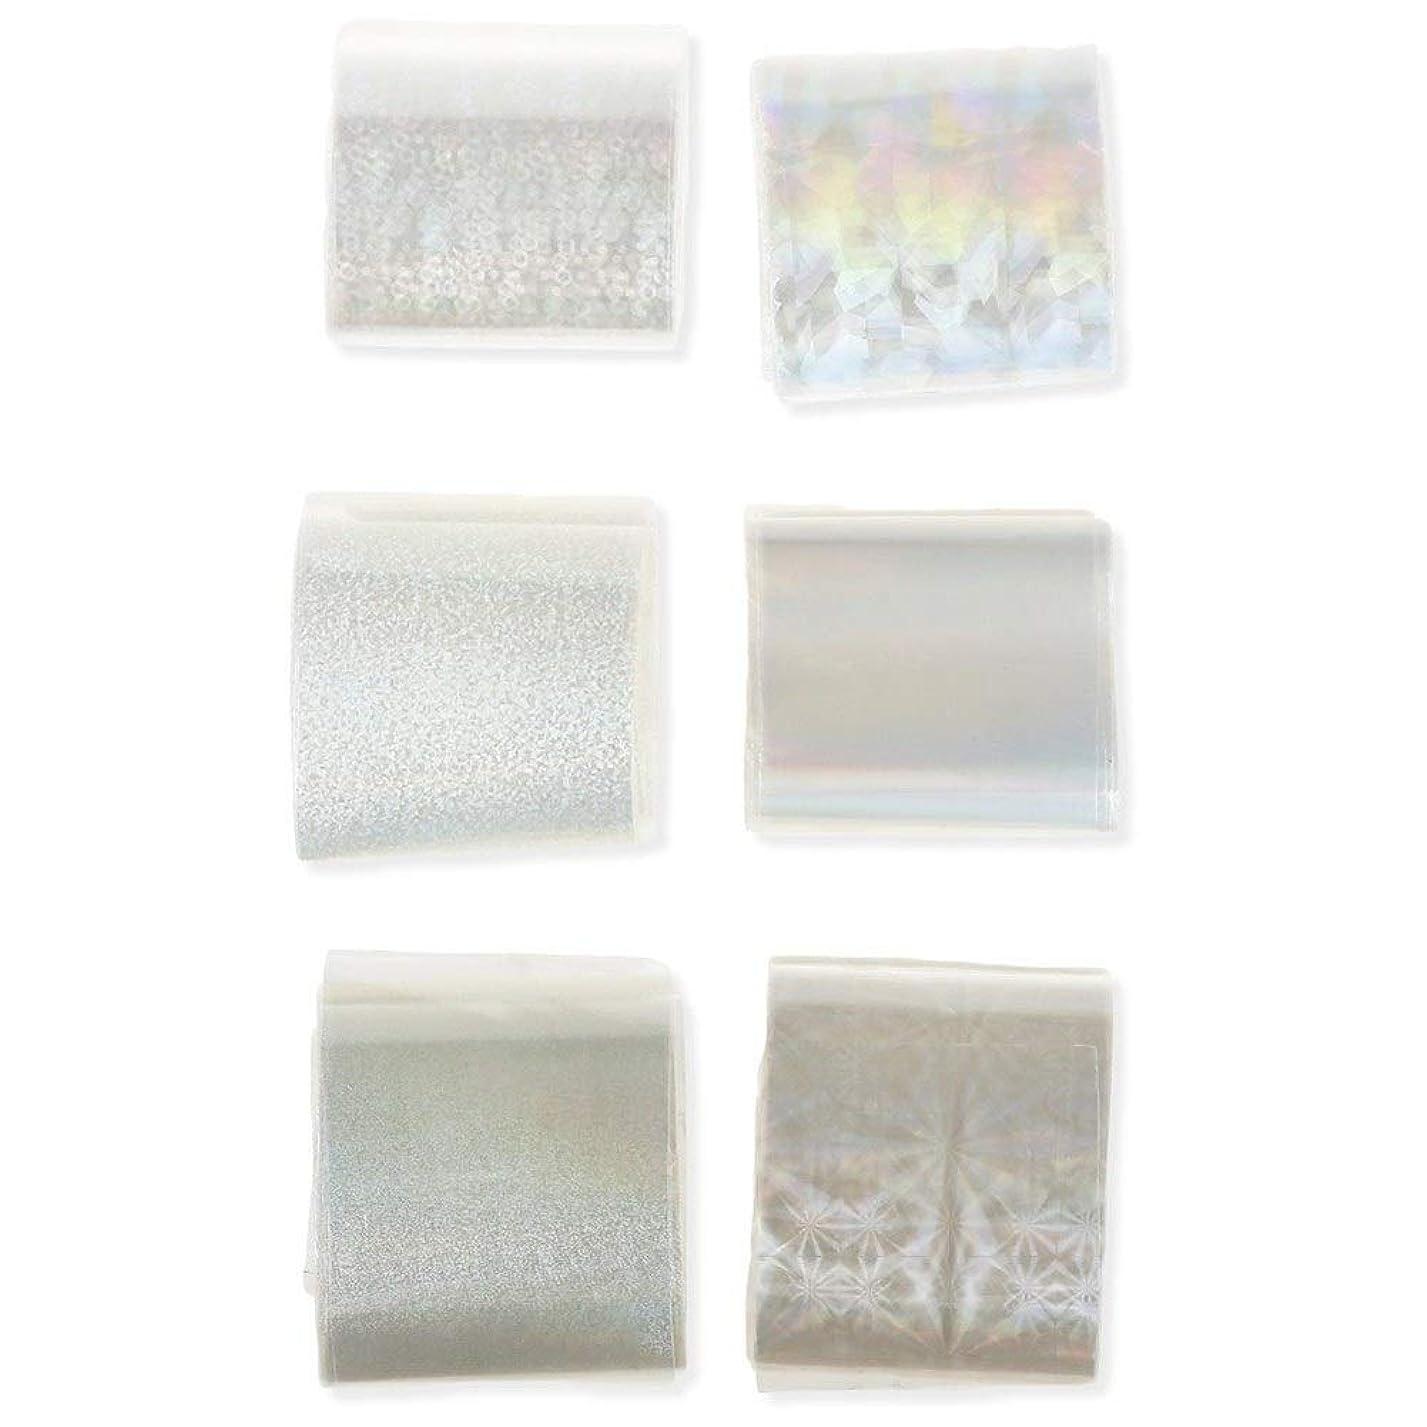 ネイルステッカー 透明 ネイル箔 キラキラ ネイルパーツ アート転写 ステッカーペーパー ネイル ヒントデコ レーション ネイル用品 マニキュアツール ネイルステッカー 6本